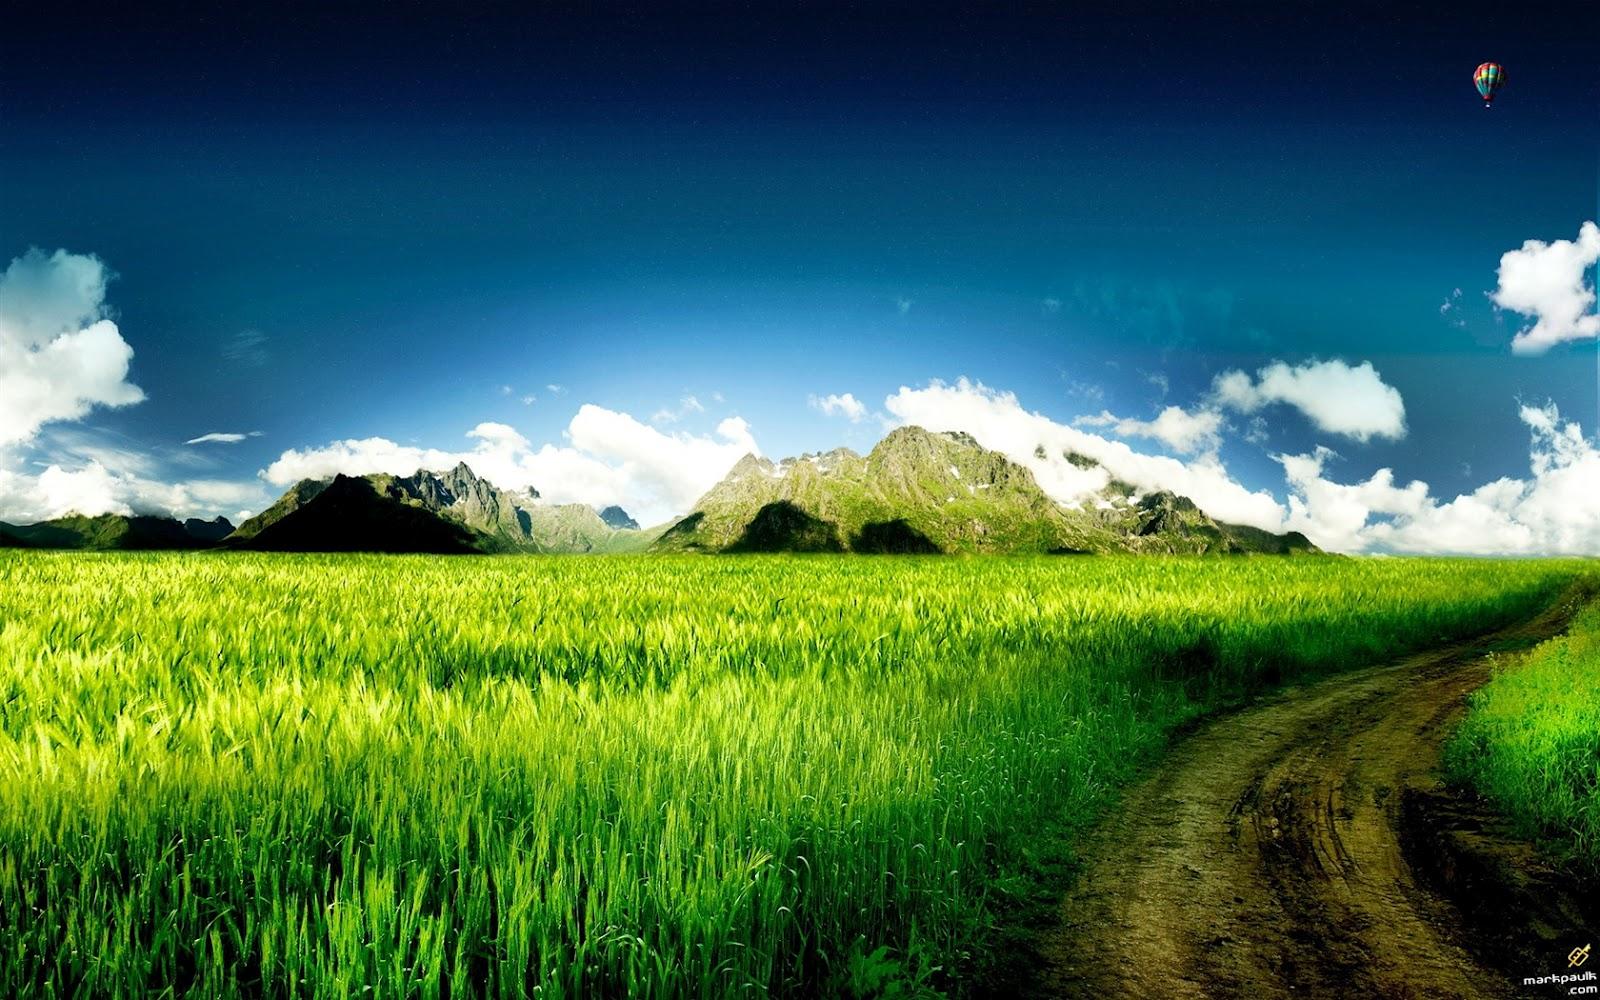 landscape wallpaper 1 - photo #9